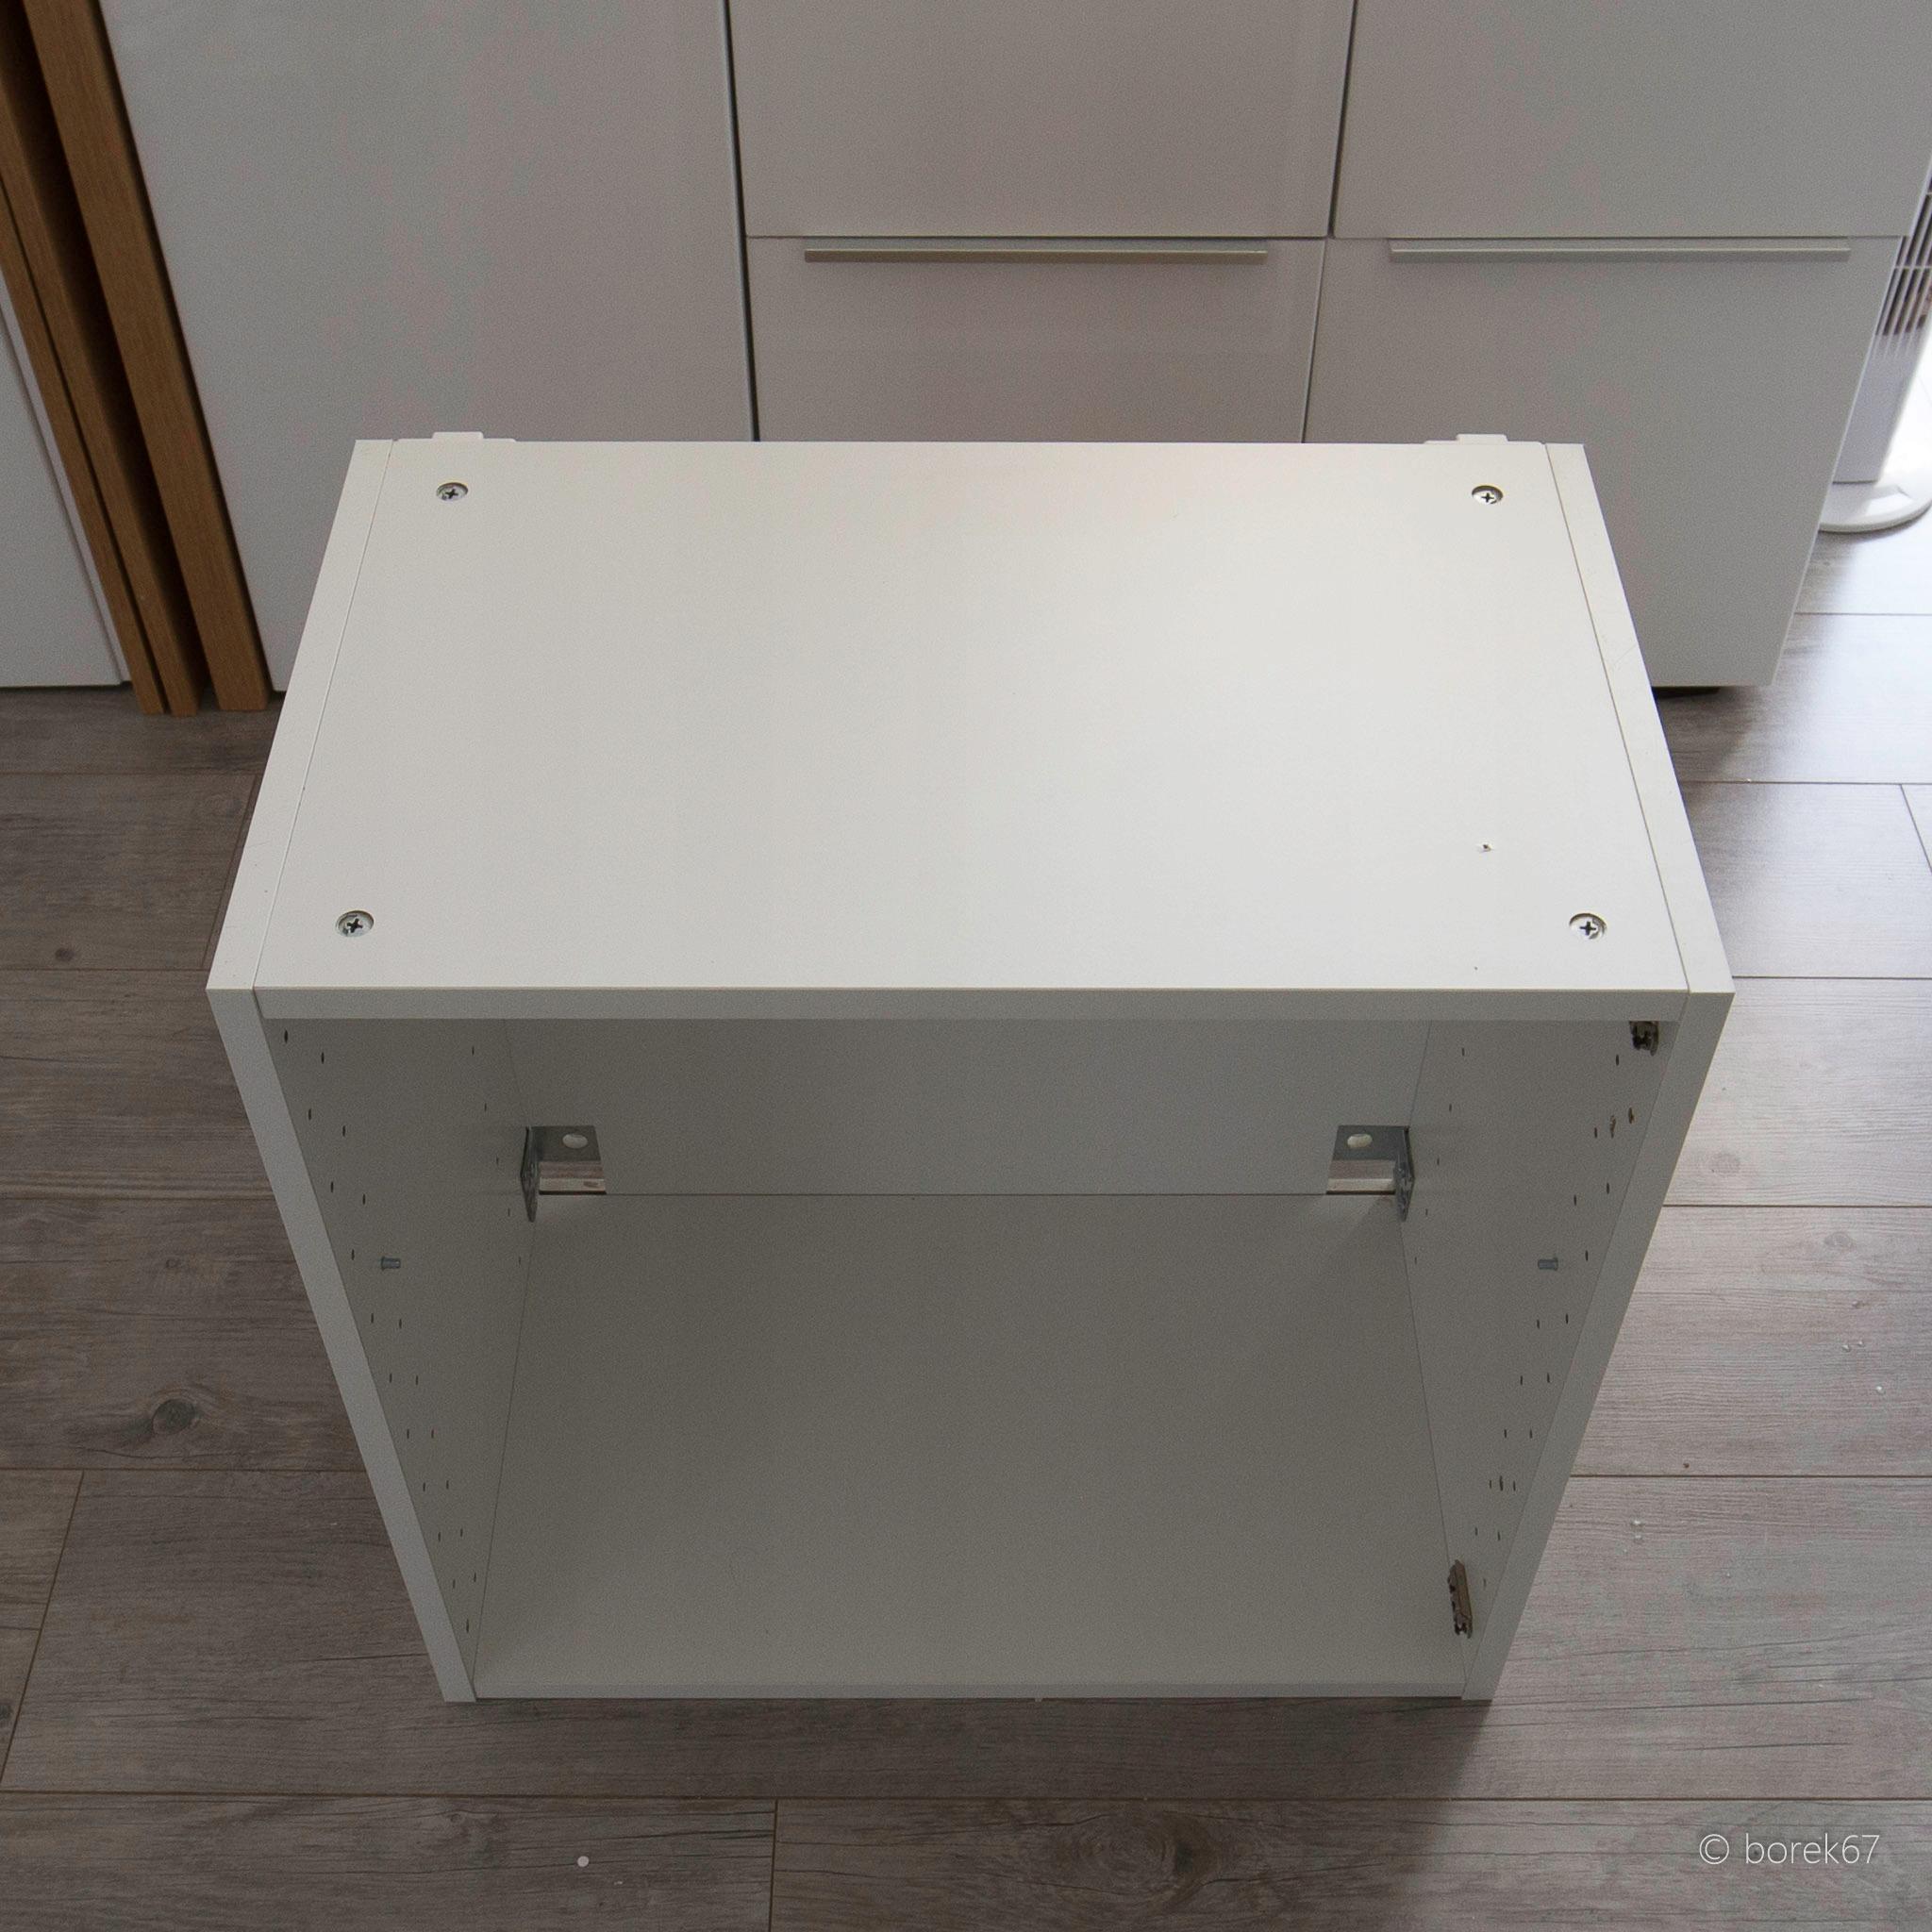 Szafka Wiszaca Ikea Metod 60 Cm X 60 Cm 7482816673 Oficjalne